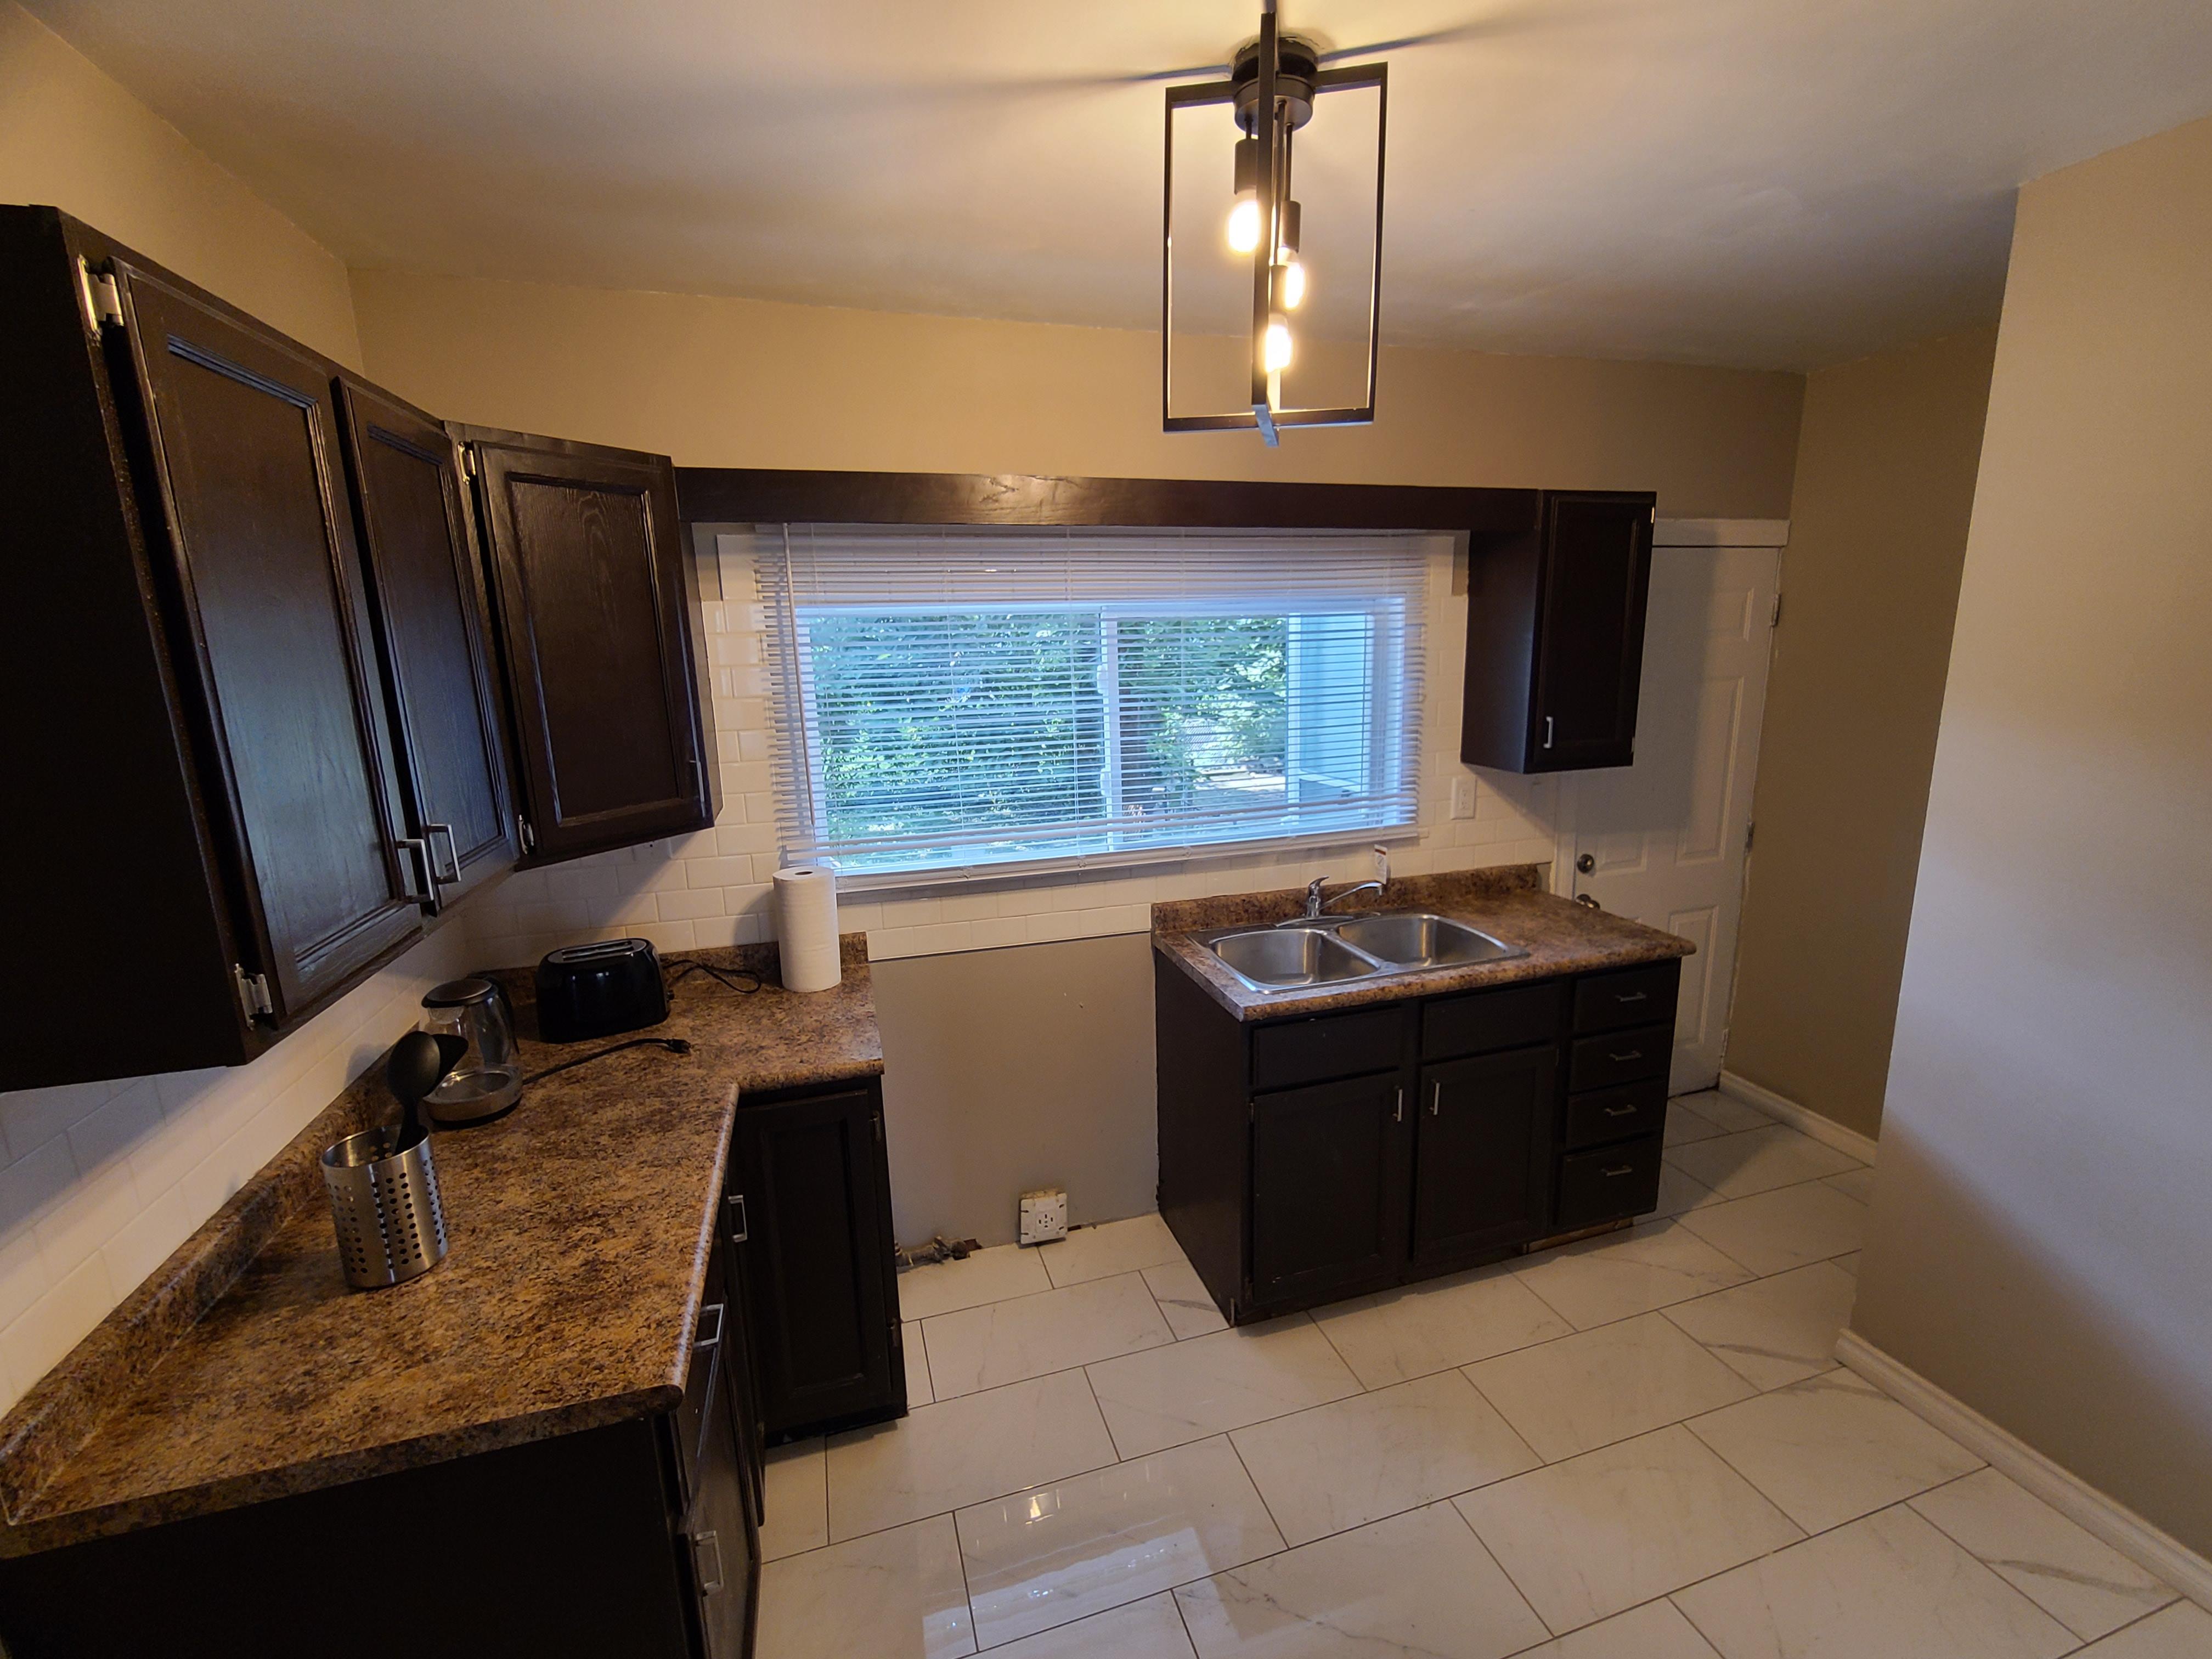 369 Indian Rd , Windsor, Ontario  N9C 2M1 - Photo 14 - RP5784294476